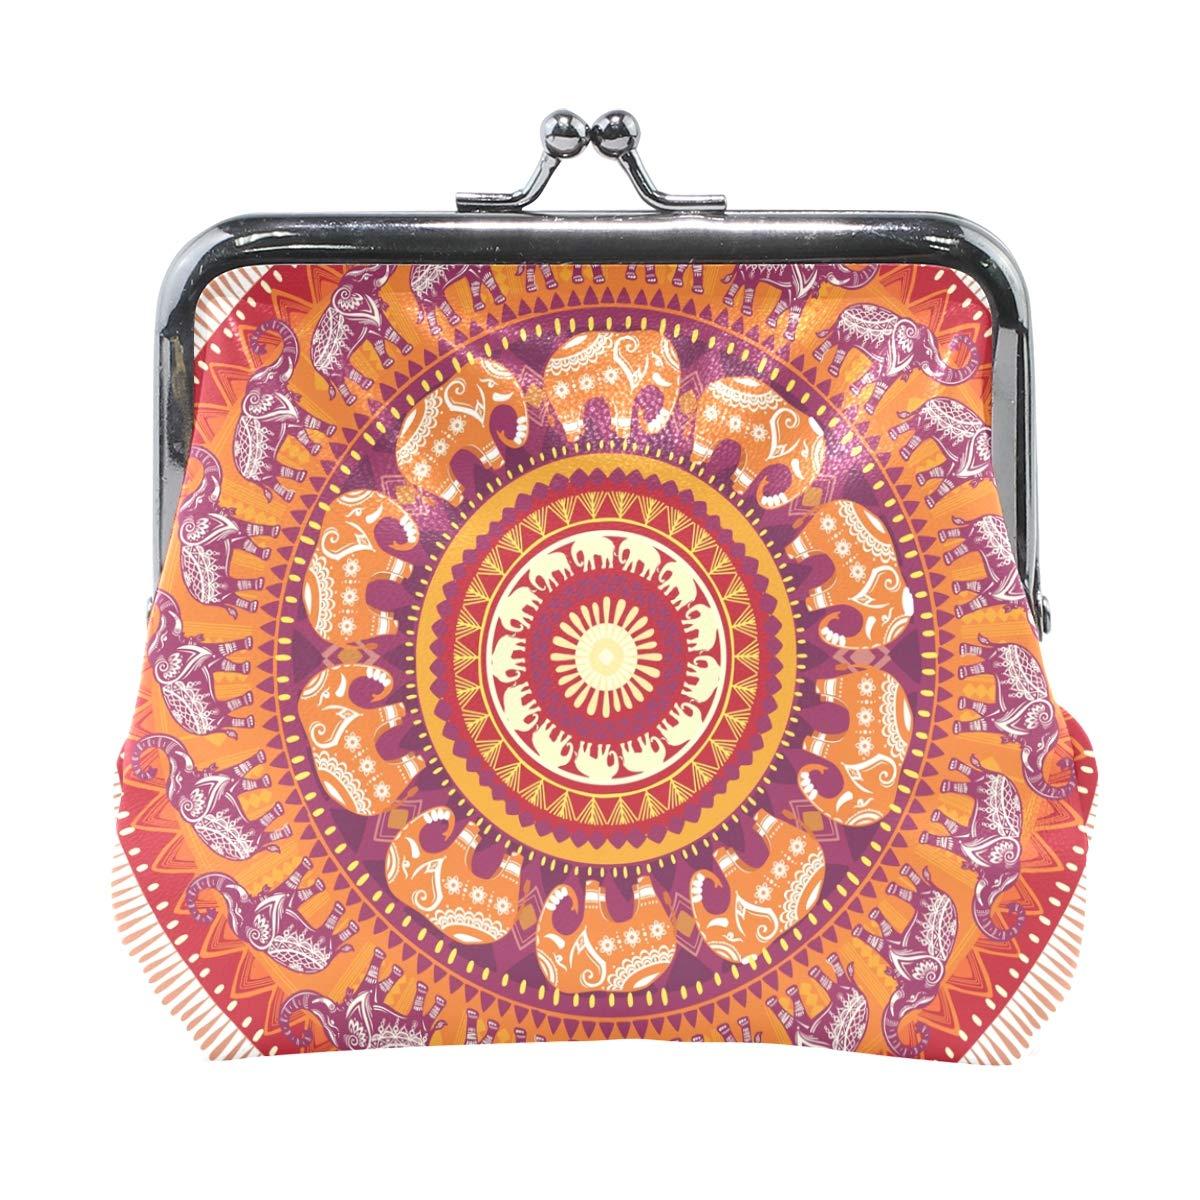 Women Wallet Purse Art Round Elephants Pattern Clutch Bag Leather